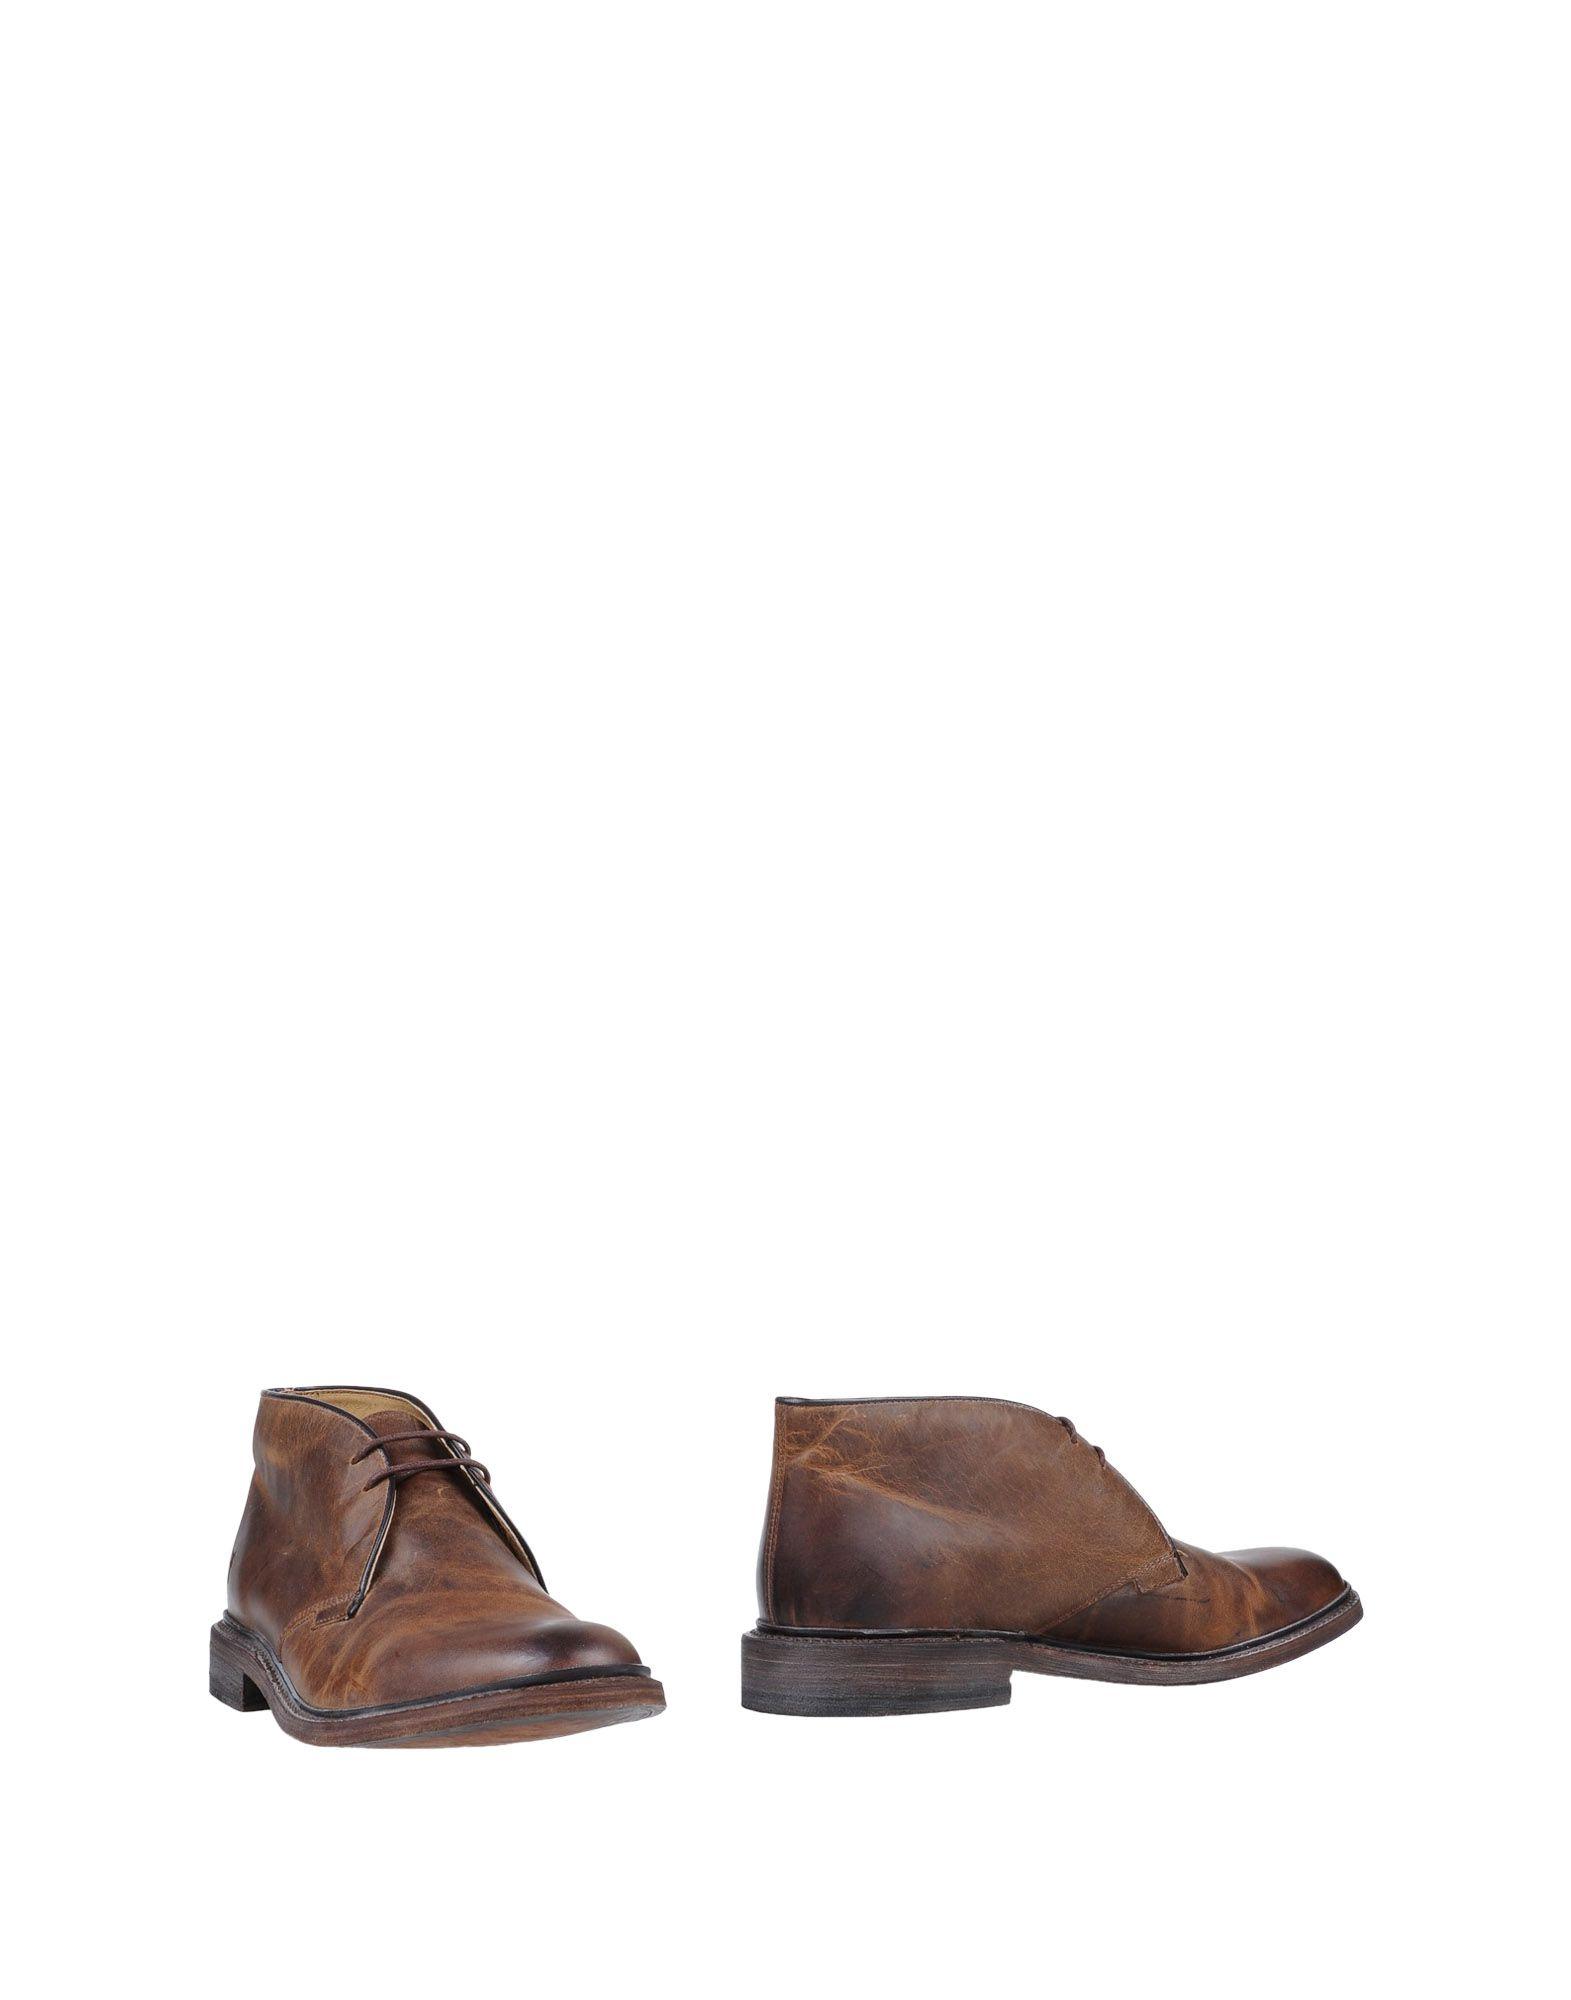 Frye Stiefelette Herren  11373235XC Gute Qualität beliebte Schuhe